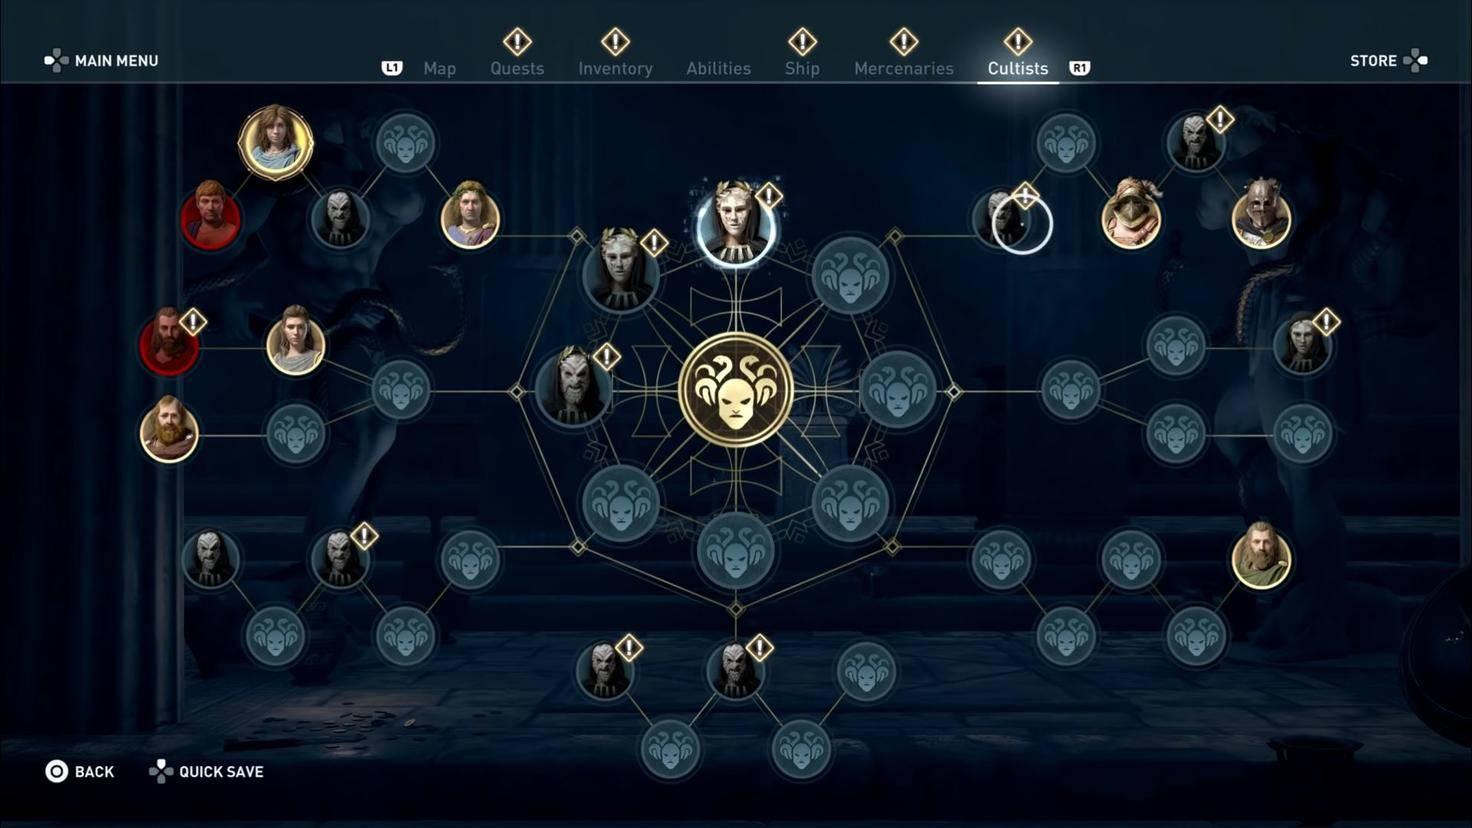 Assassins Creed Odyssey kult des kosmos02